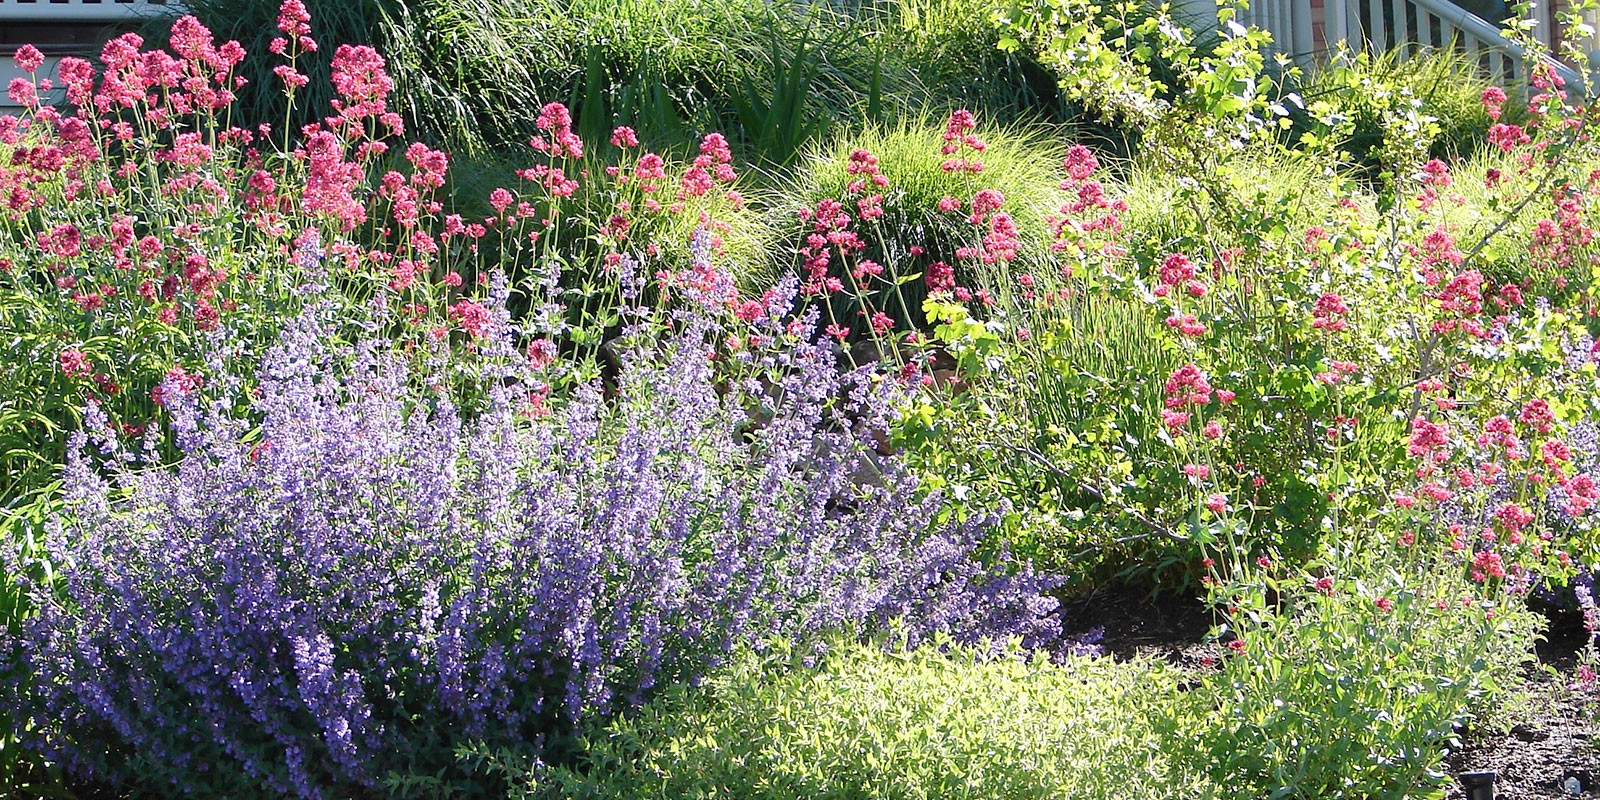 Landscape with drought-tolerant plants